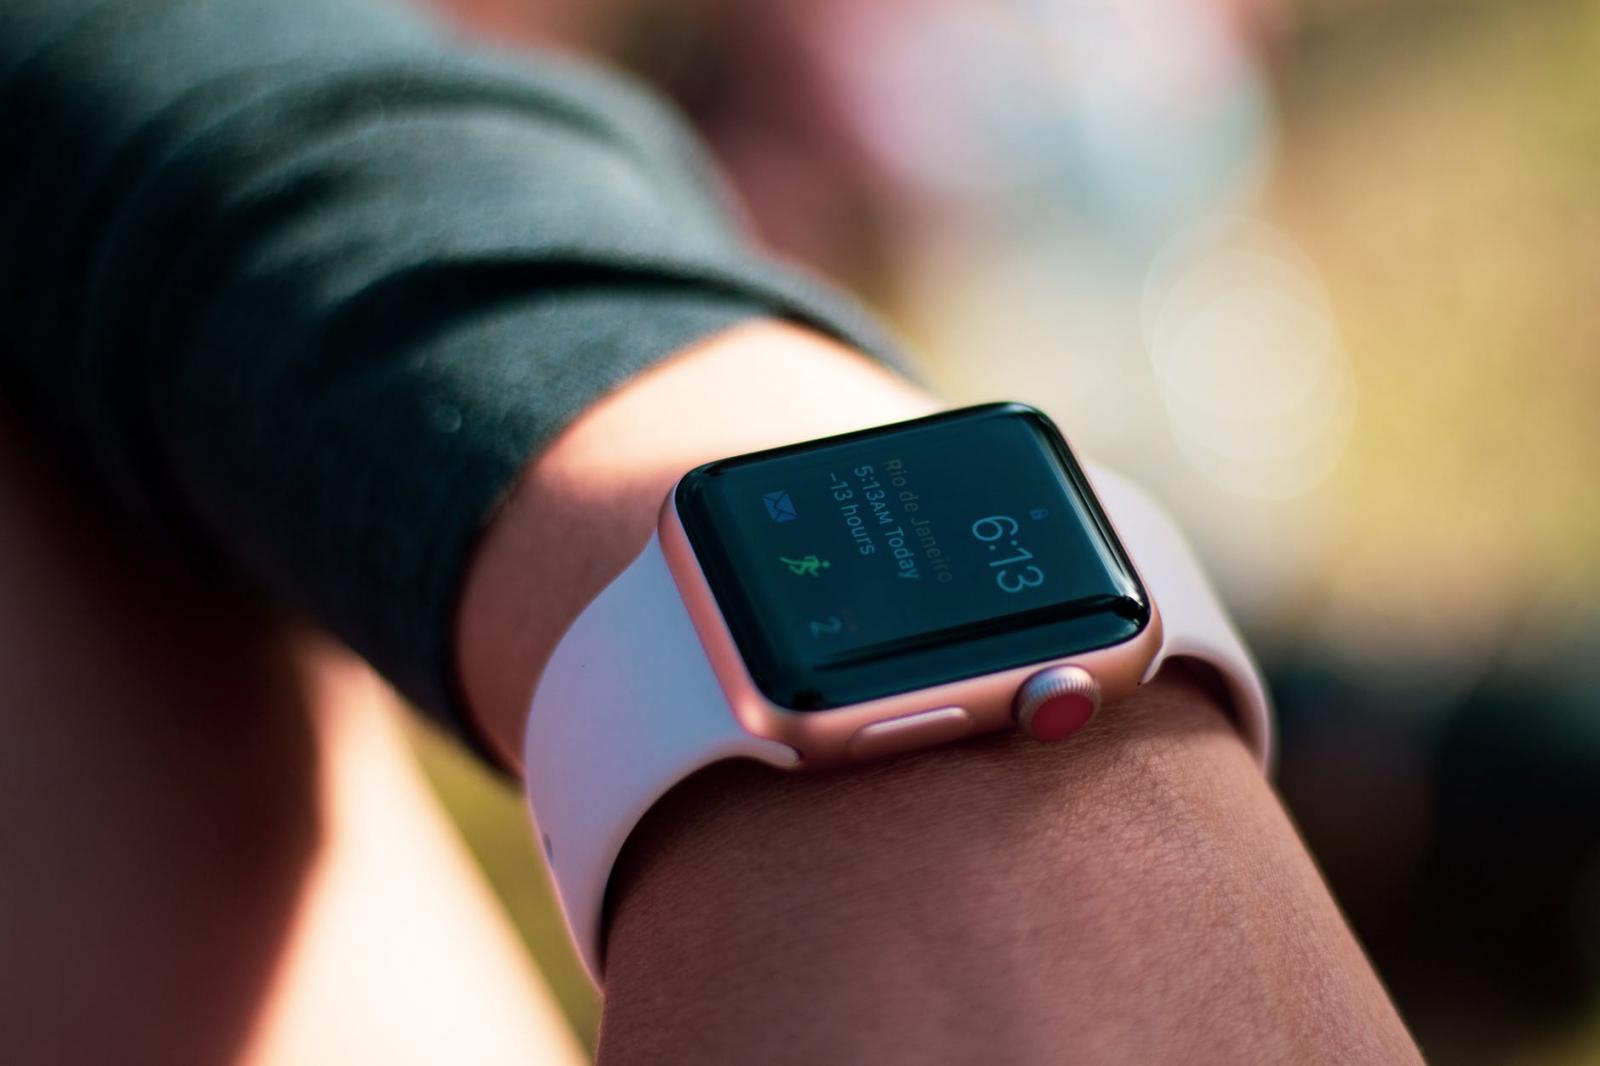 【快訊】Apple Watch S7恐延期?知名分析師曝最新情況